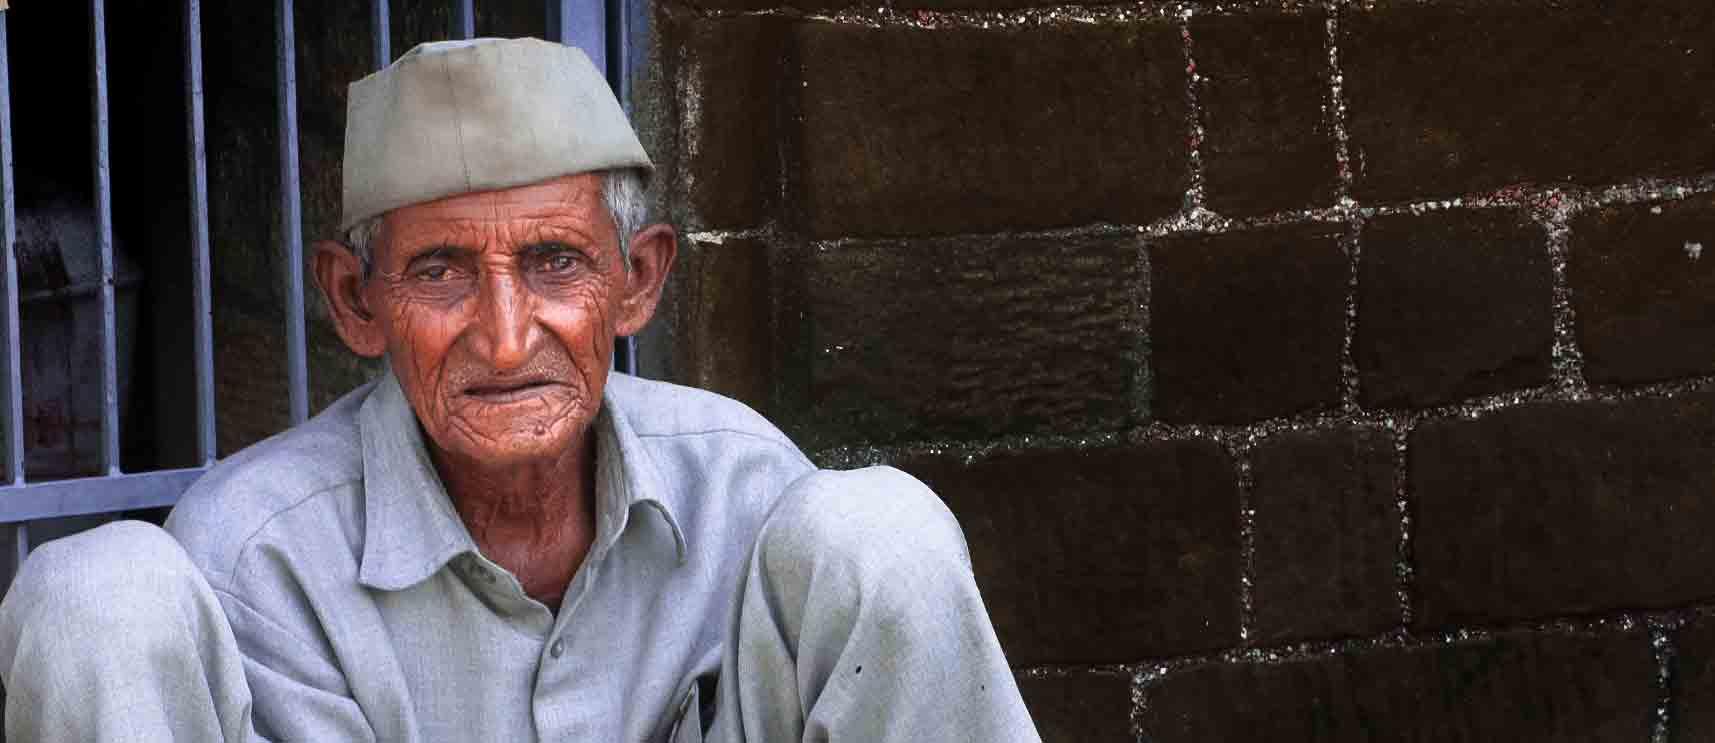 Uttarakhand Memoir by Gyan Pant